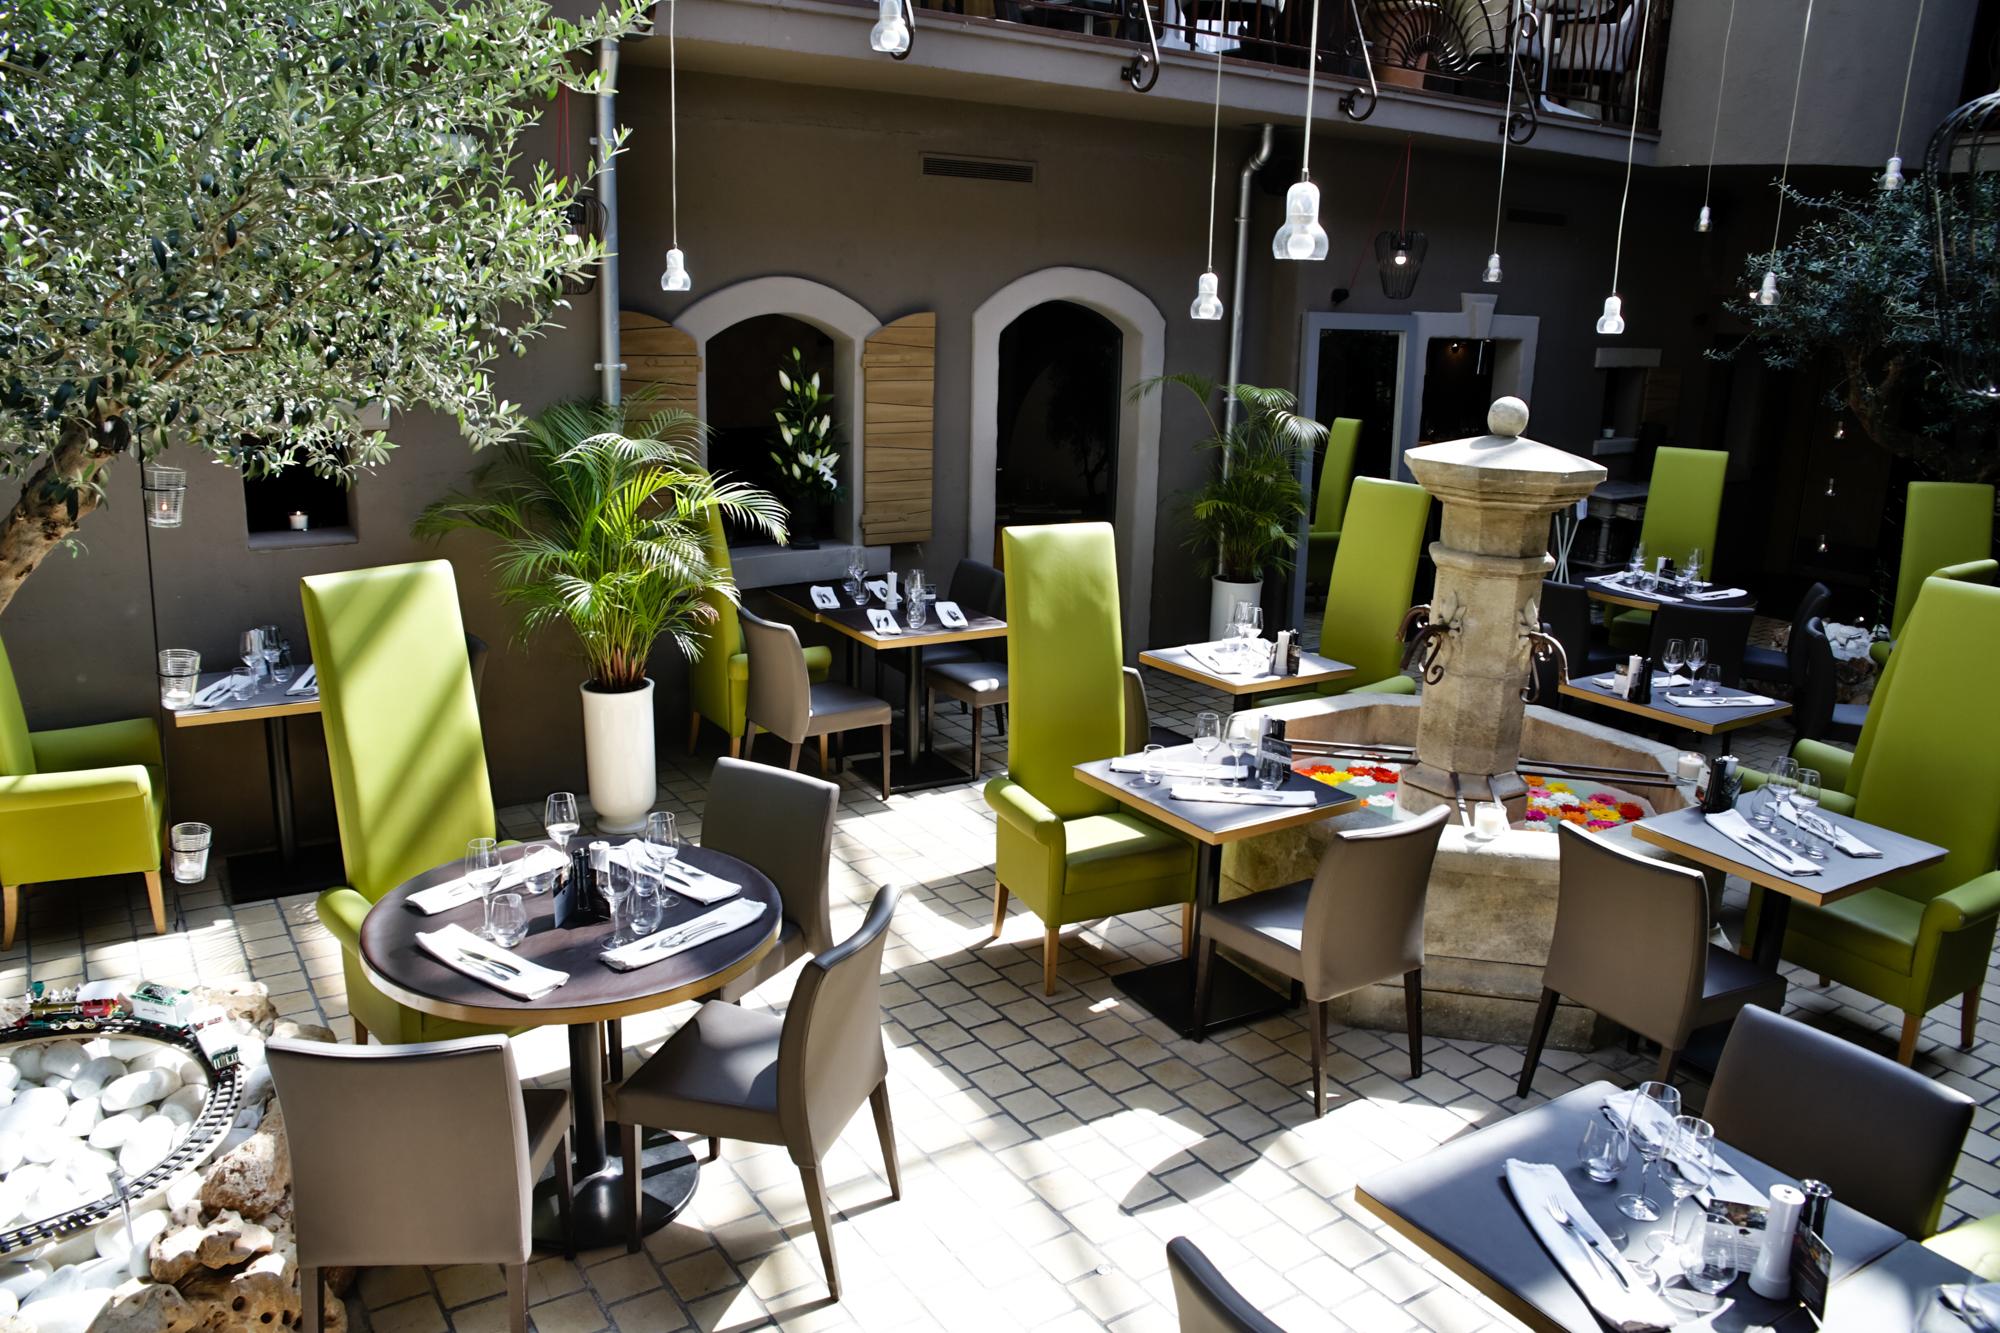 Fokale23-photographe-nantes-restaurant-le-mas-des-oliviers-2219